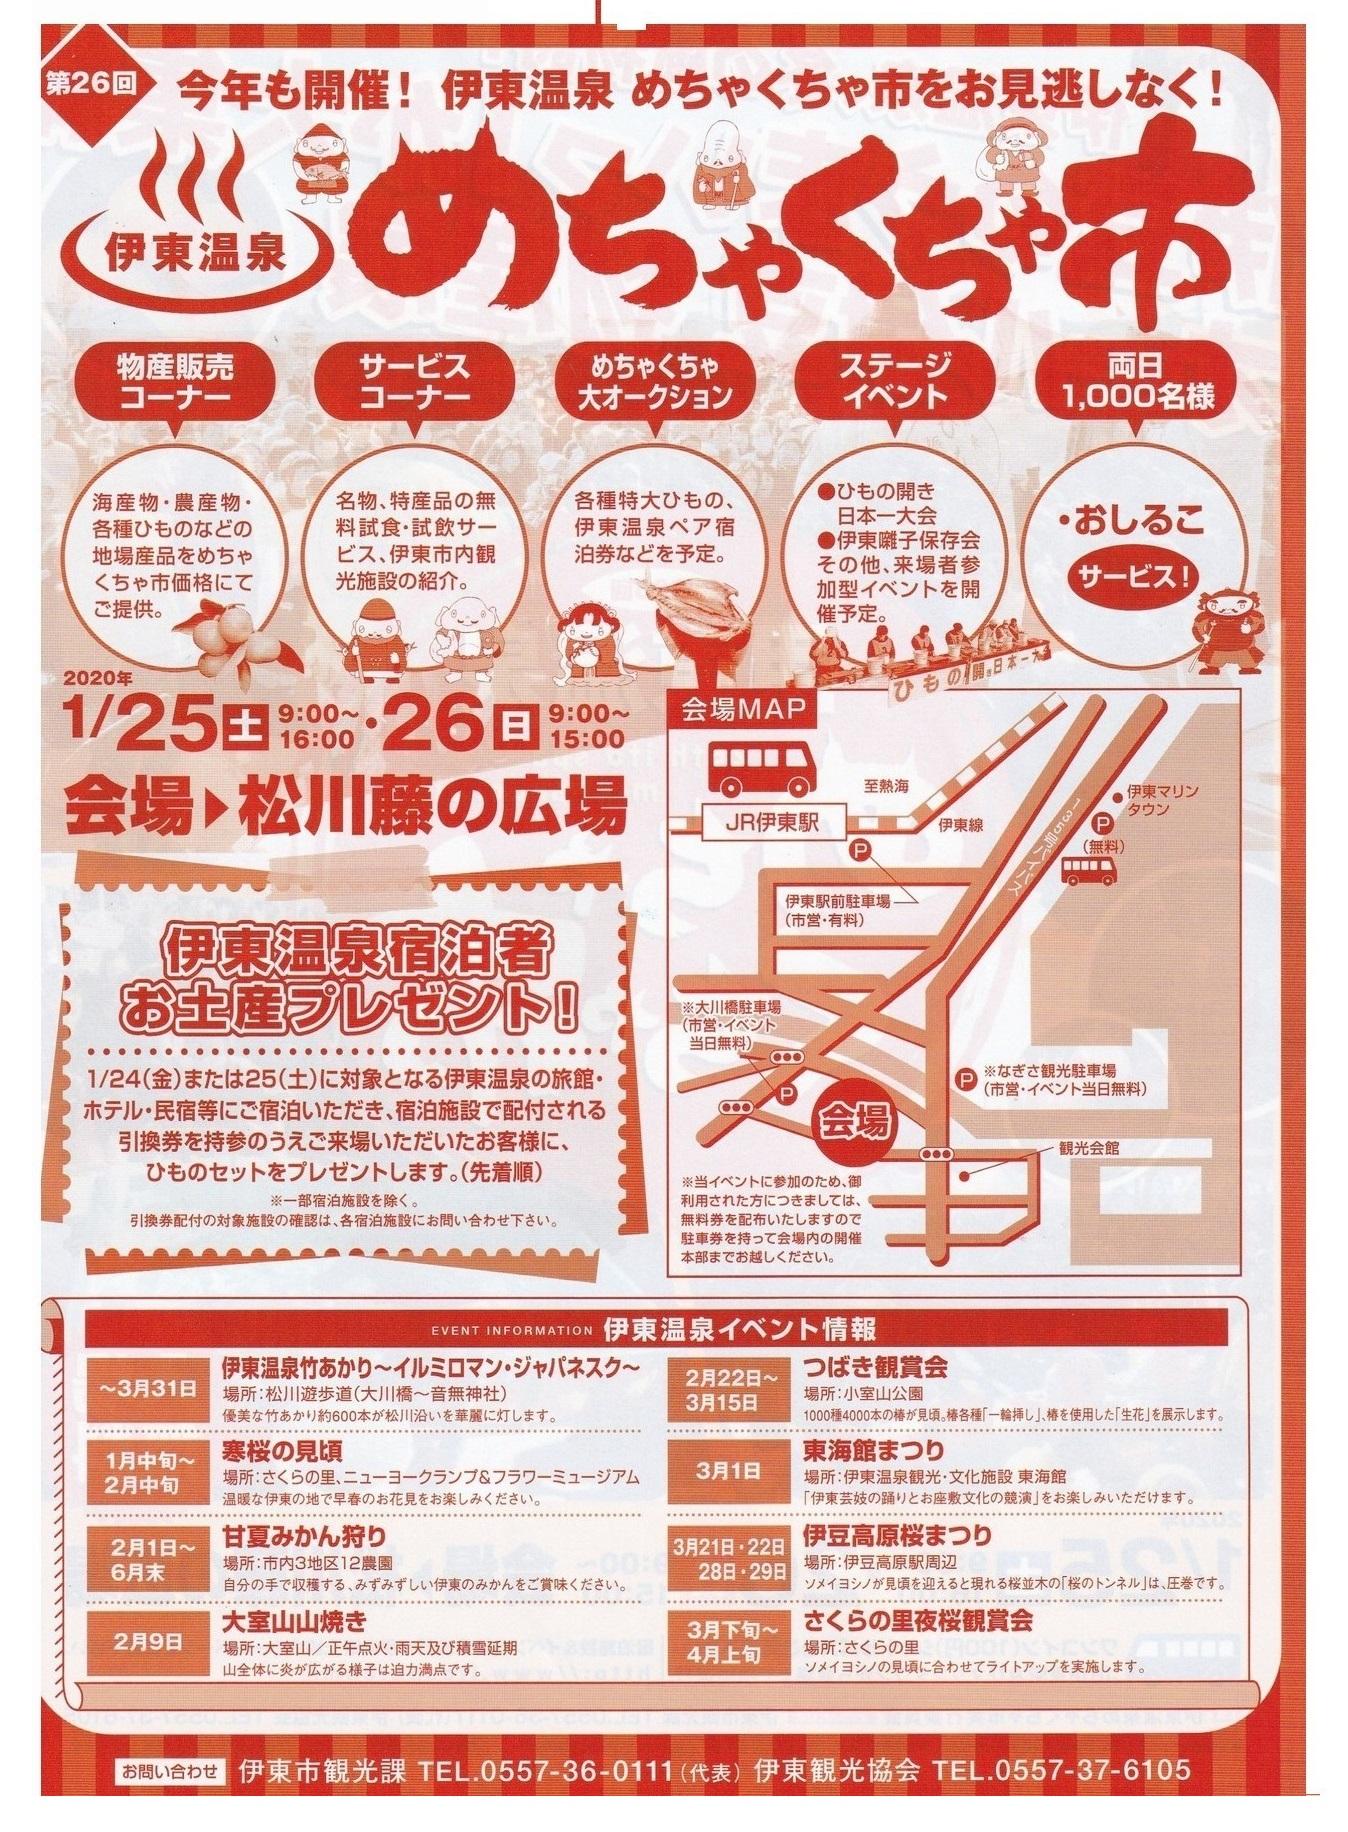 https://www.magaret.jp/mt_img/%E3%83%A1%E3%83%81%E3%83%A3%E3%82%AF%E3%83%81%E3%83%A3%E8%A3%8F_JALAN.jpg